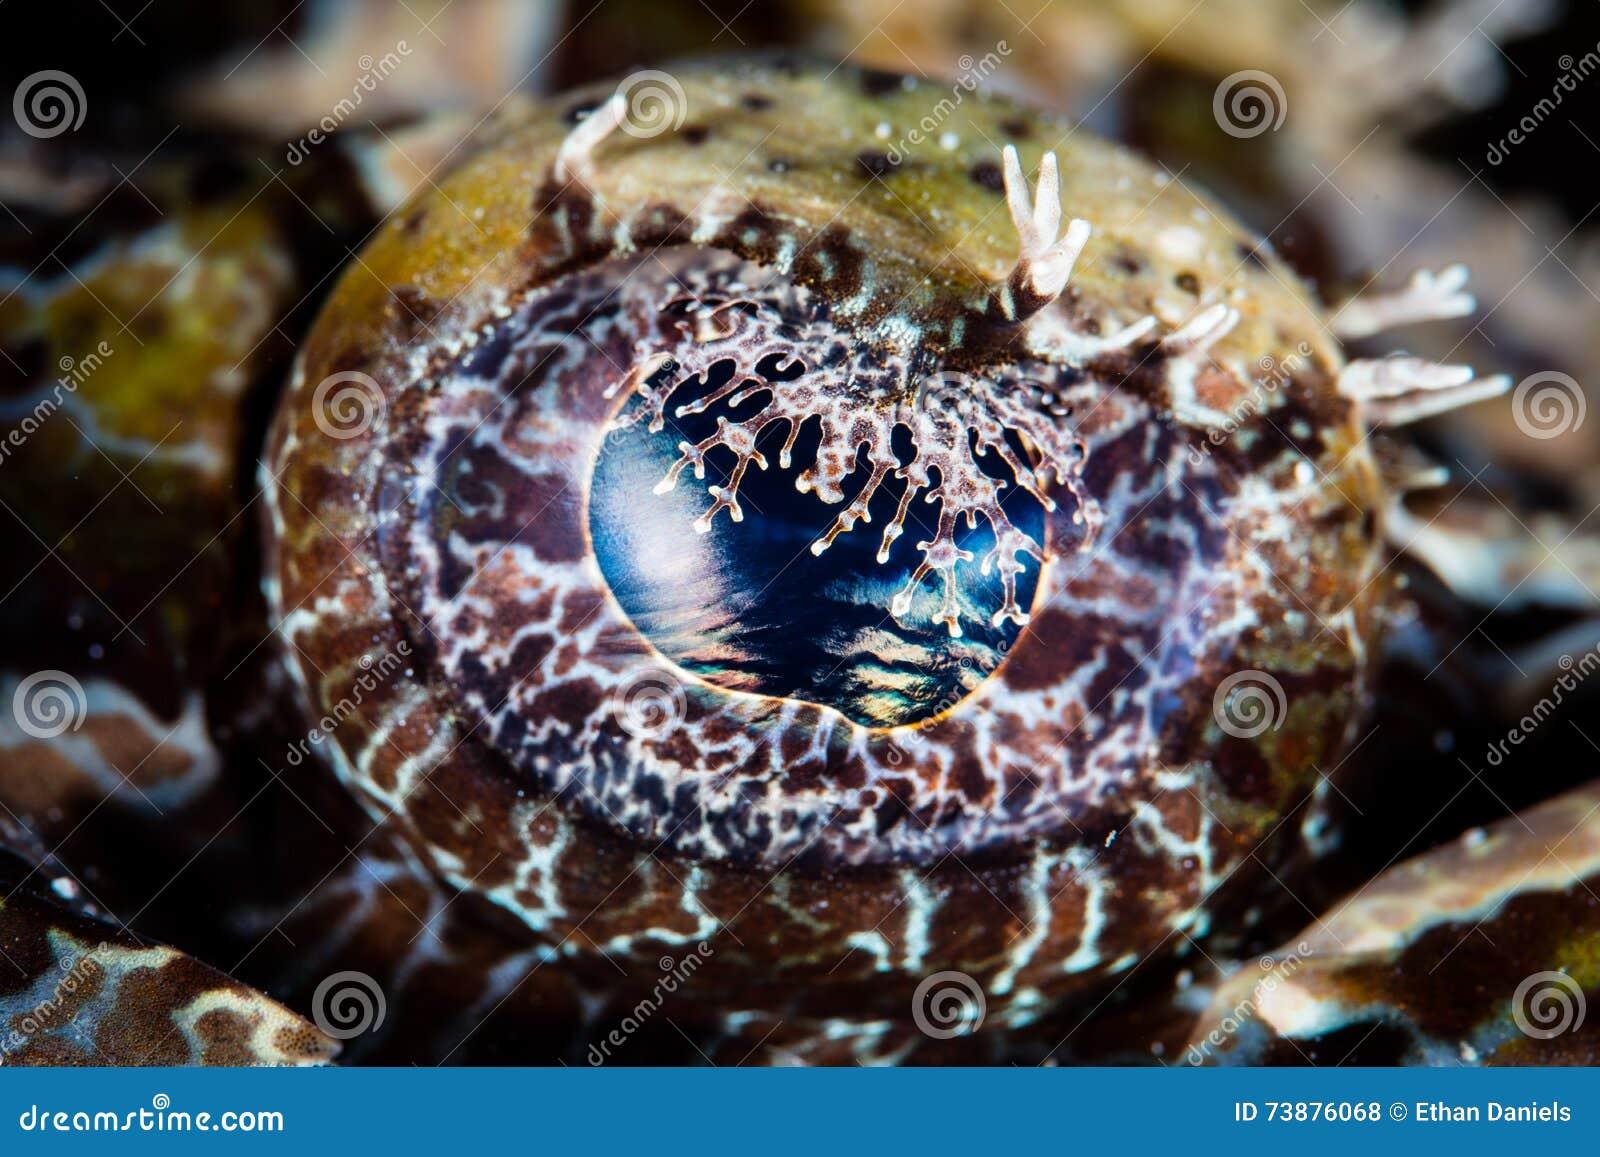 Crocodilefish眼睛细节